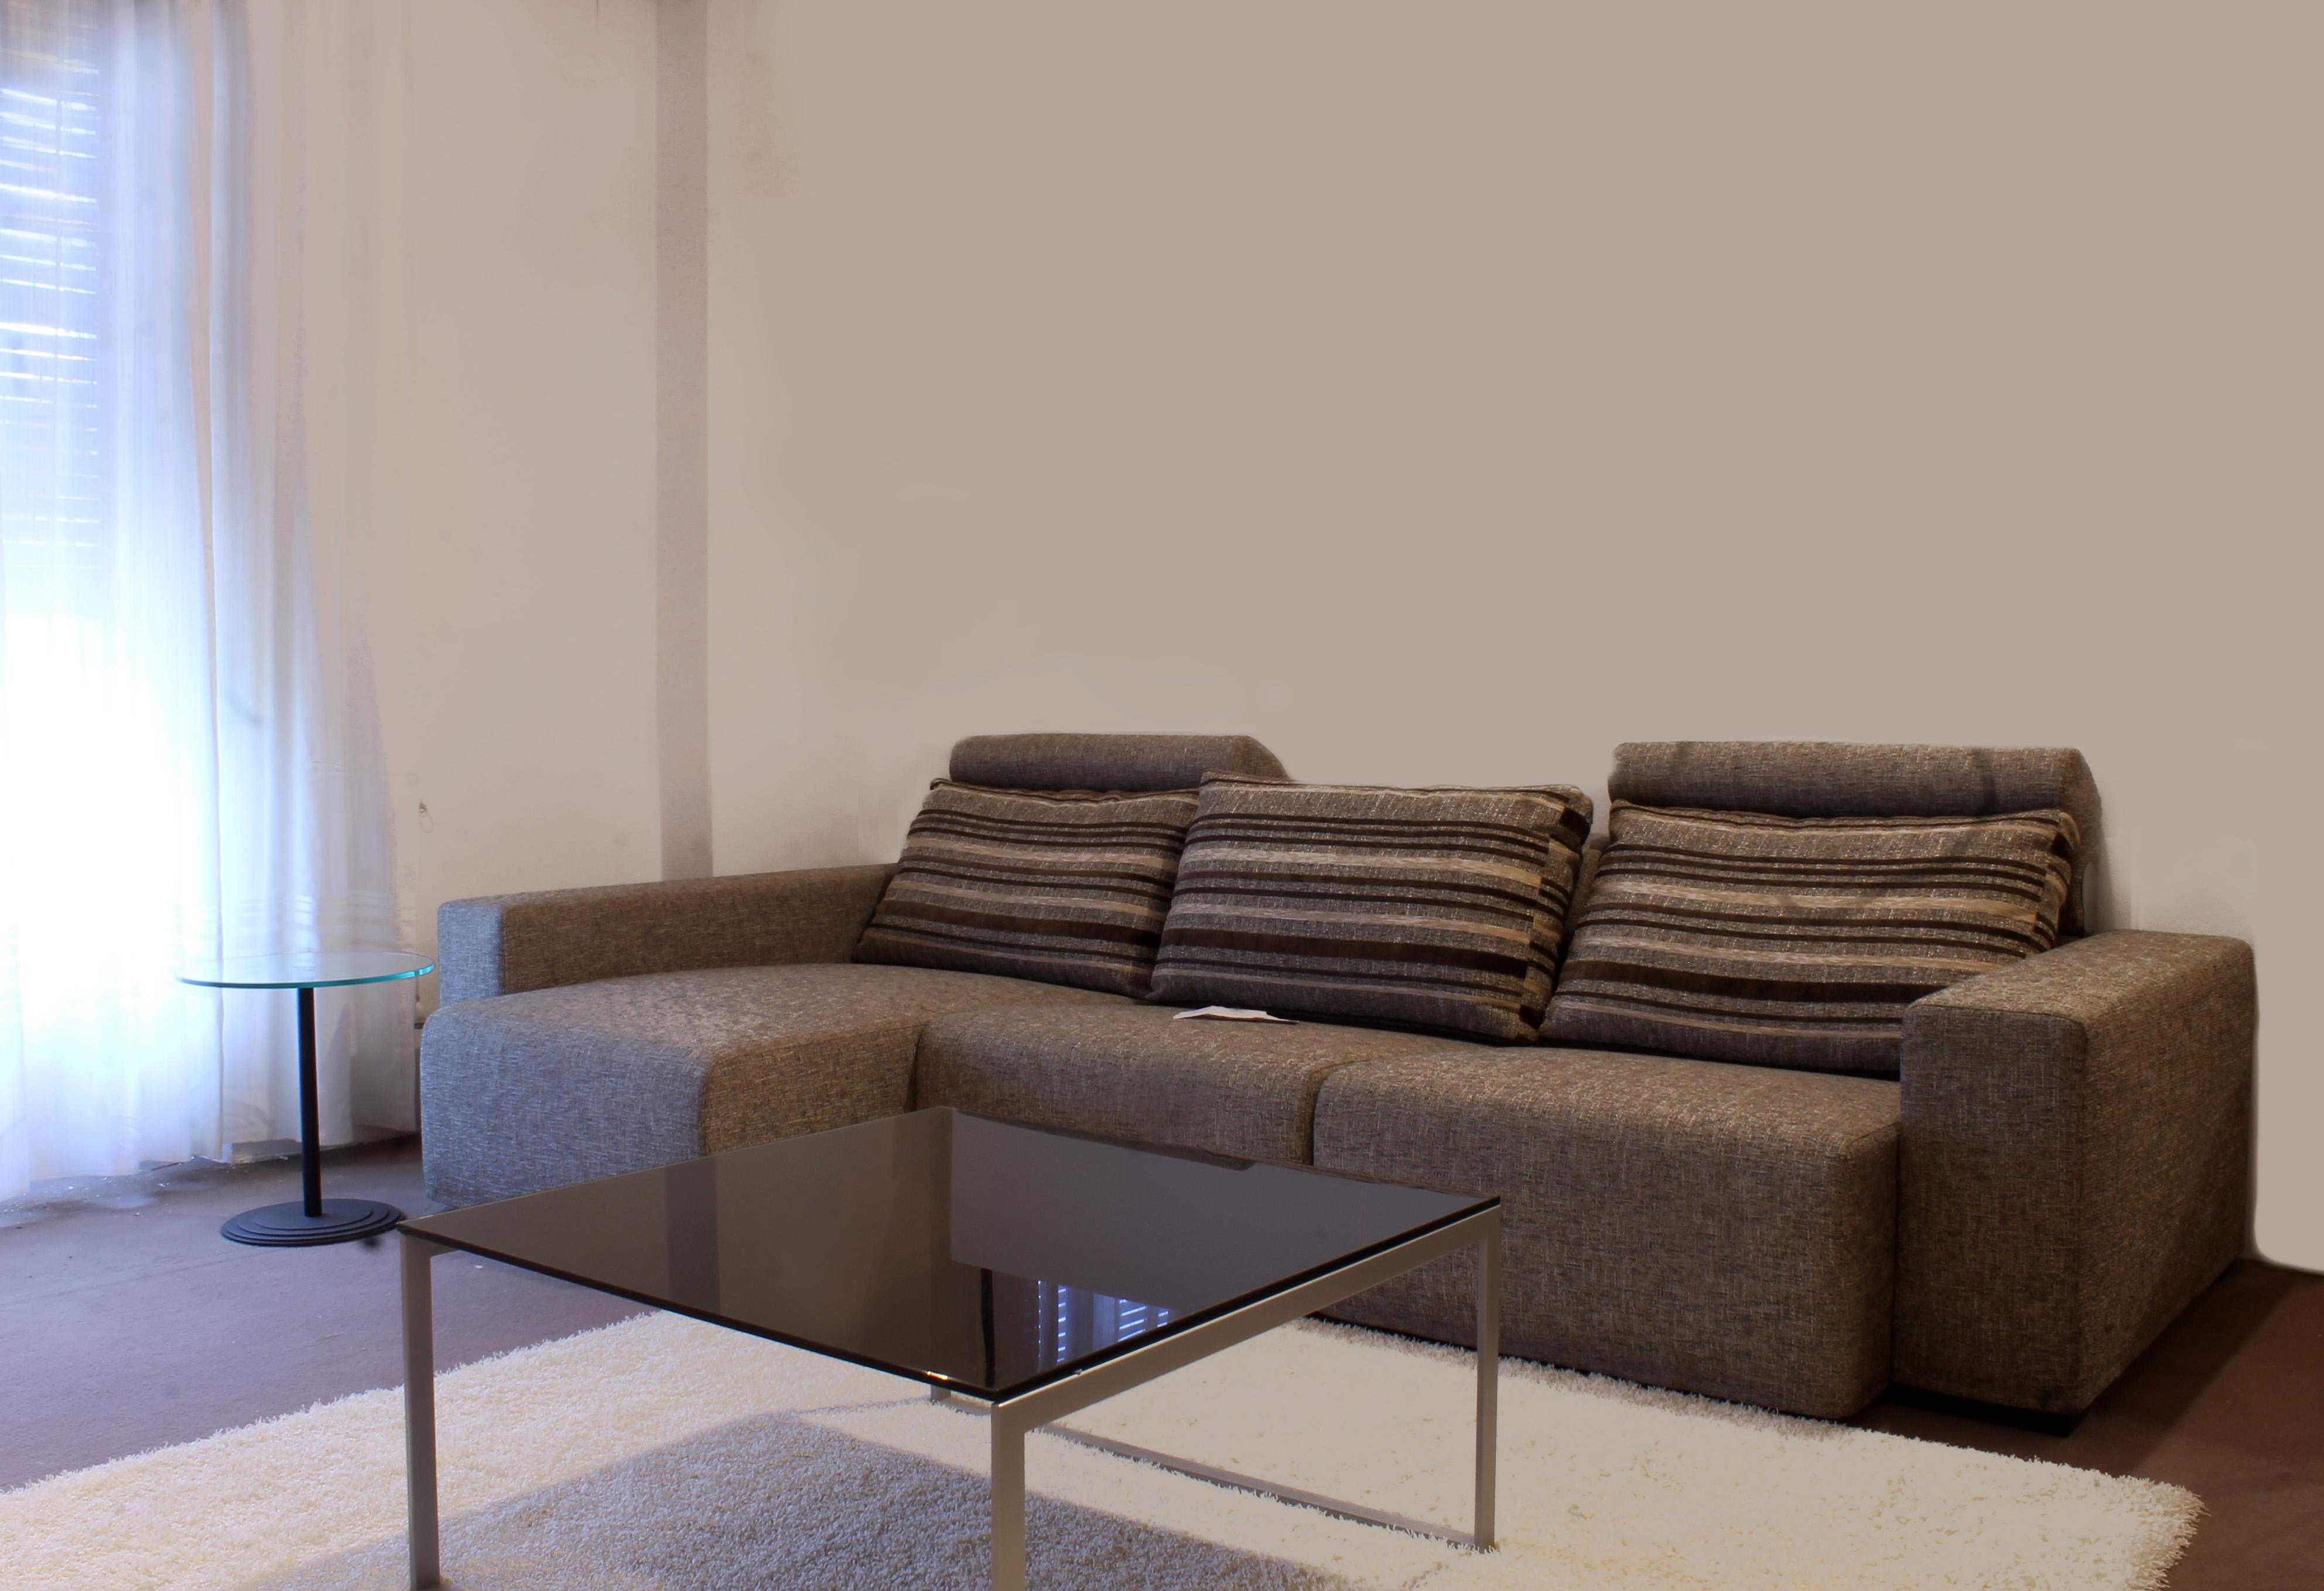 Leonetti arredamenti outlet divani e poltrone for Binacci arredamenti divani